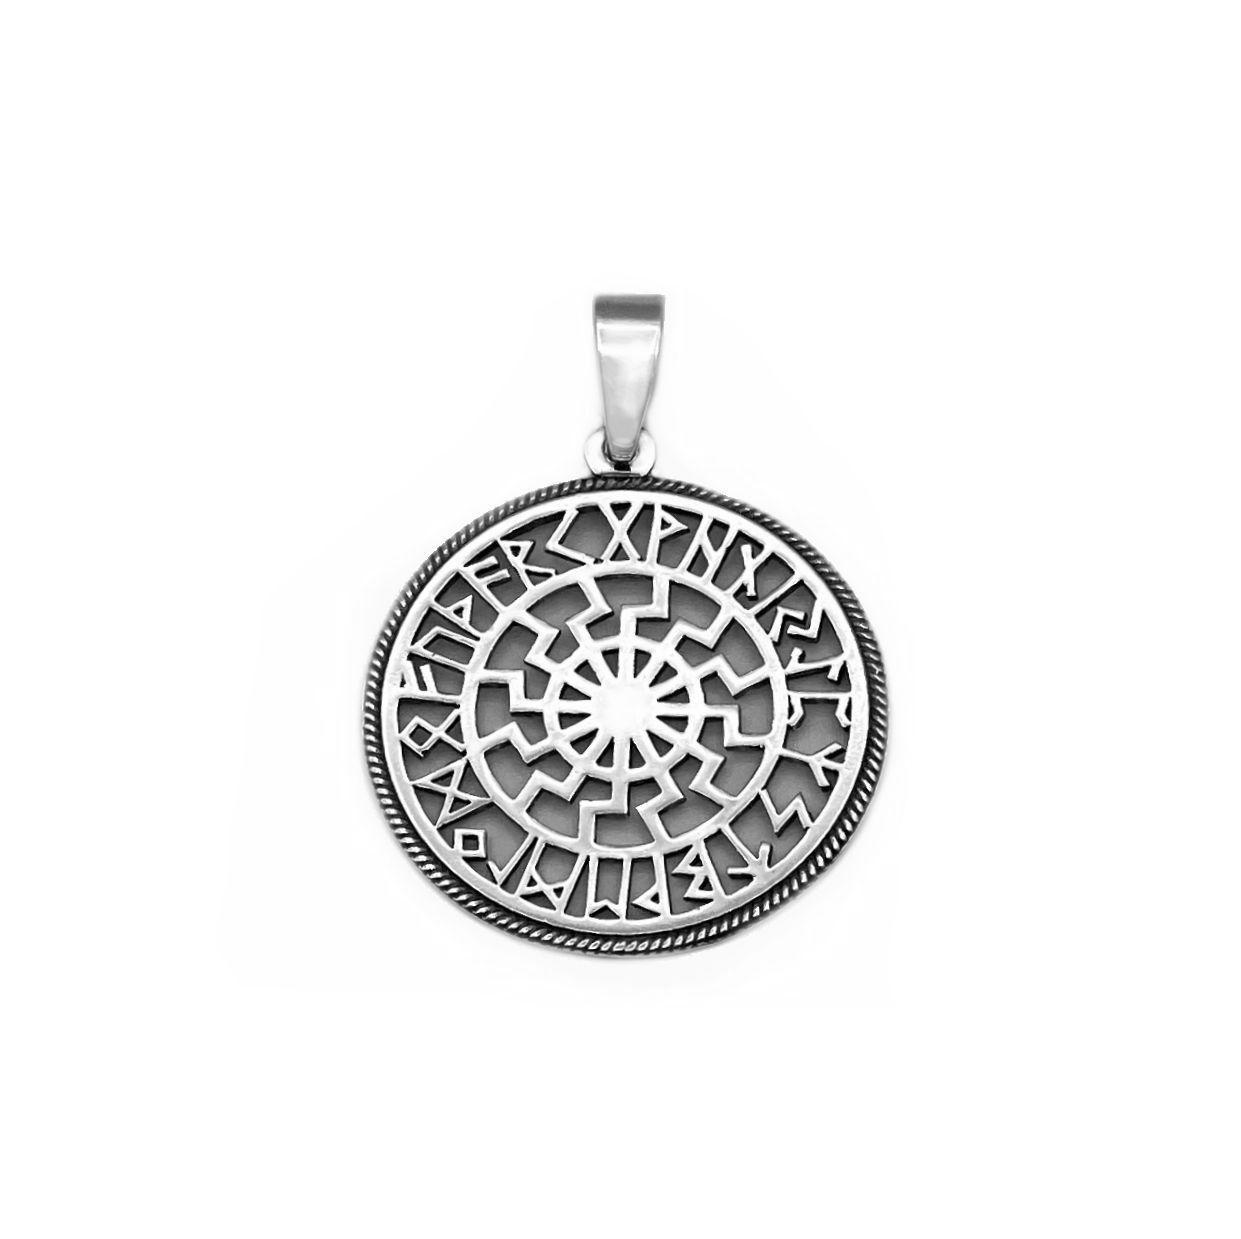 """Срібна підвіска """"Чорне Сонце"""" з рунами з срібла 925 проби"""